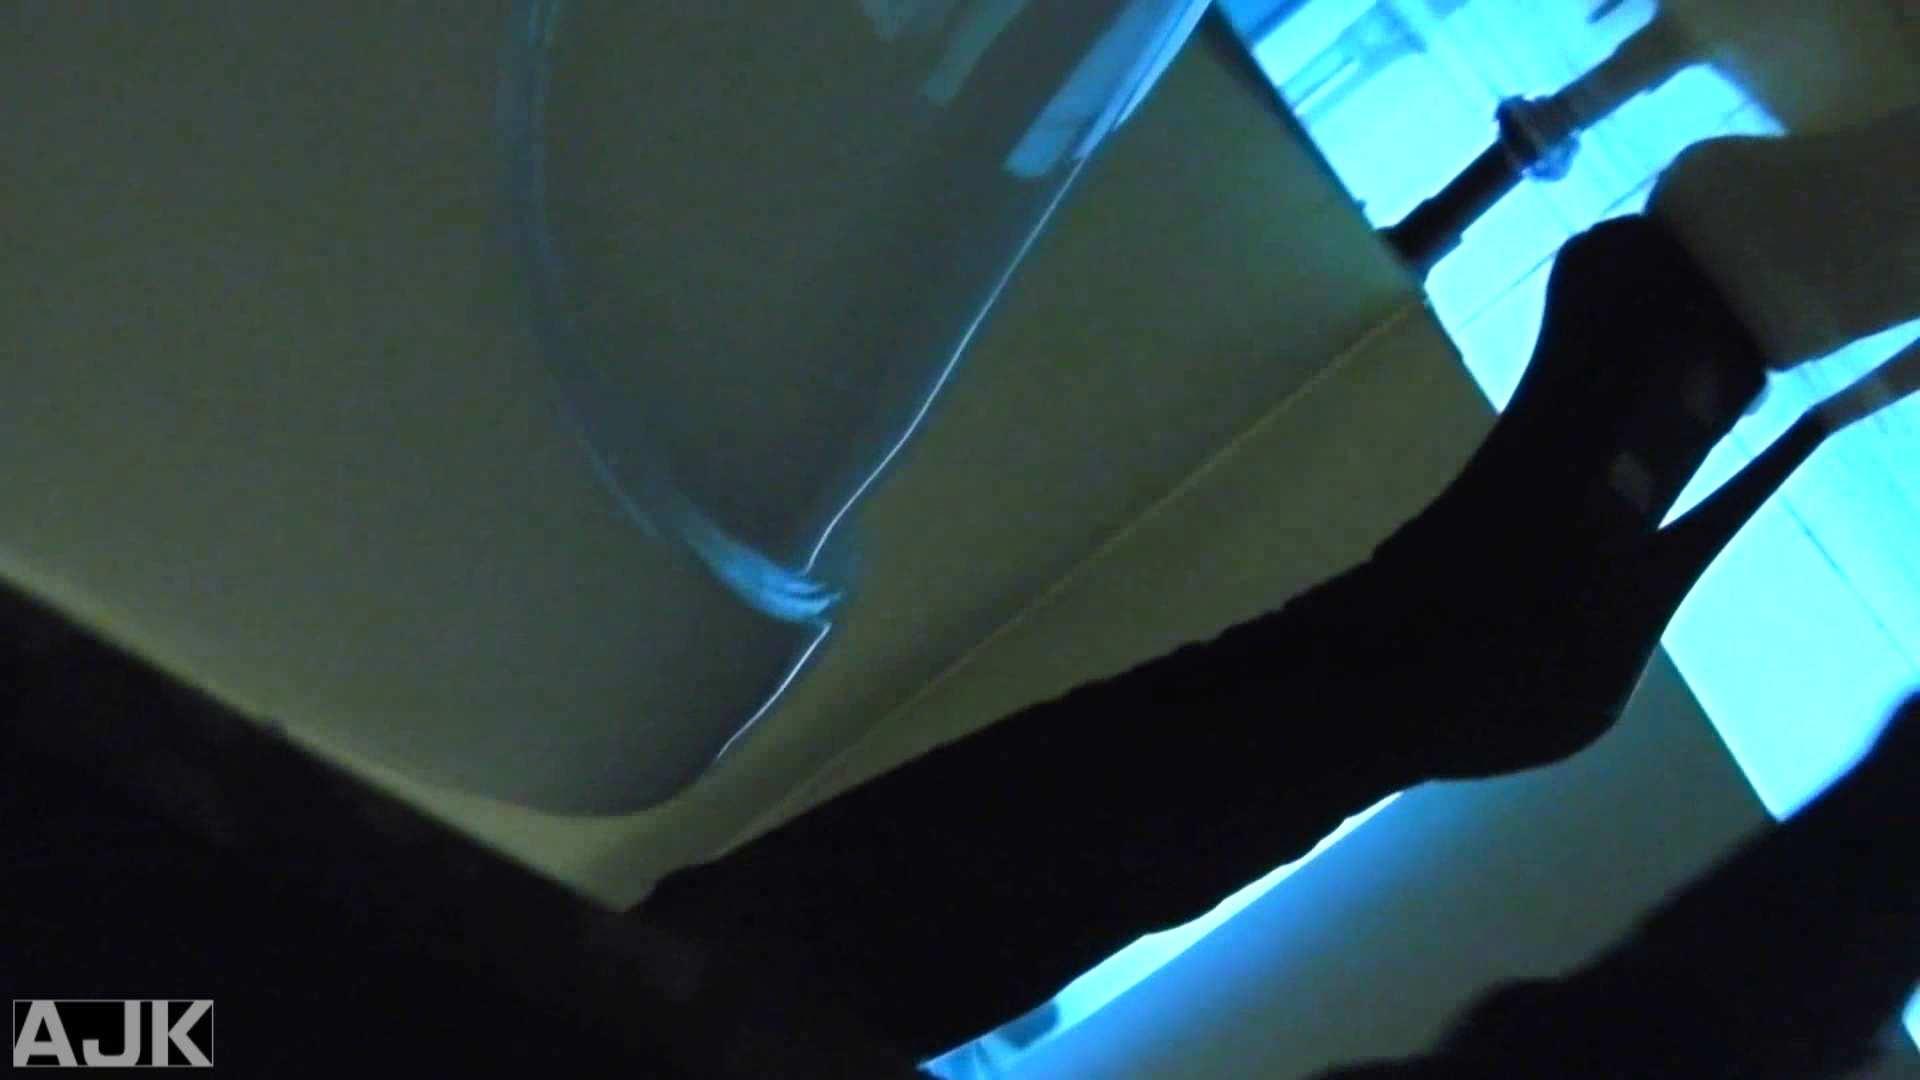 神降臨!史上最強の潜入かわや! vol.22 マンコ・ムレムレ   美しいOLの裸体  96pic 57